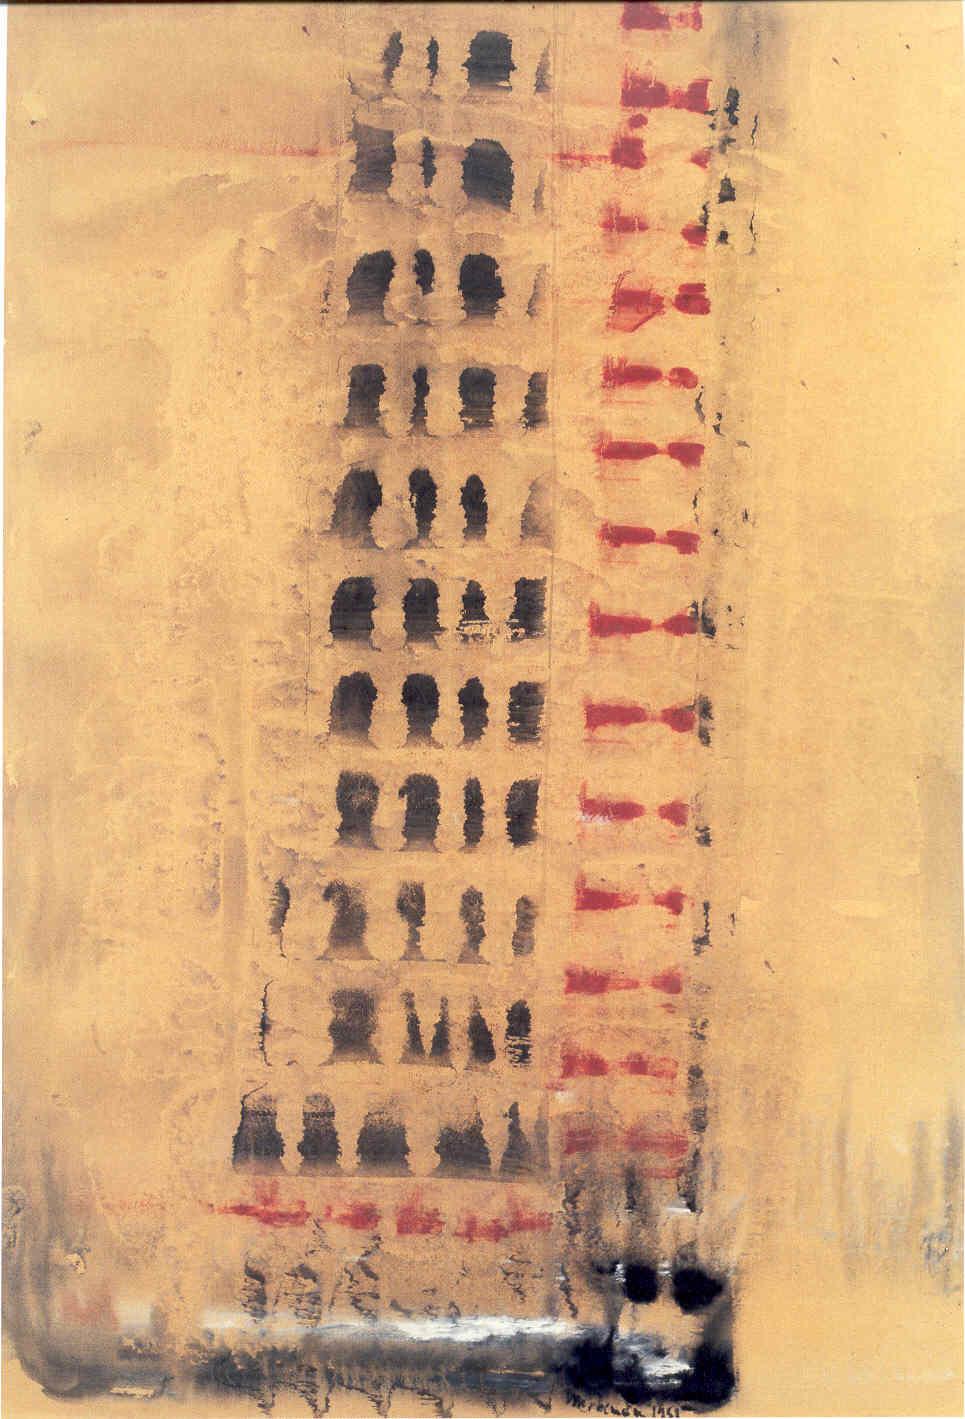 Senza Titolo, 1951, tempera sintetica su carta intelata, cm 75,5 x 51,5  Untitled, 1951, synthetic tempera on canvassed paper, cm 75,5 x 51,5